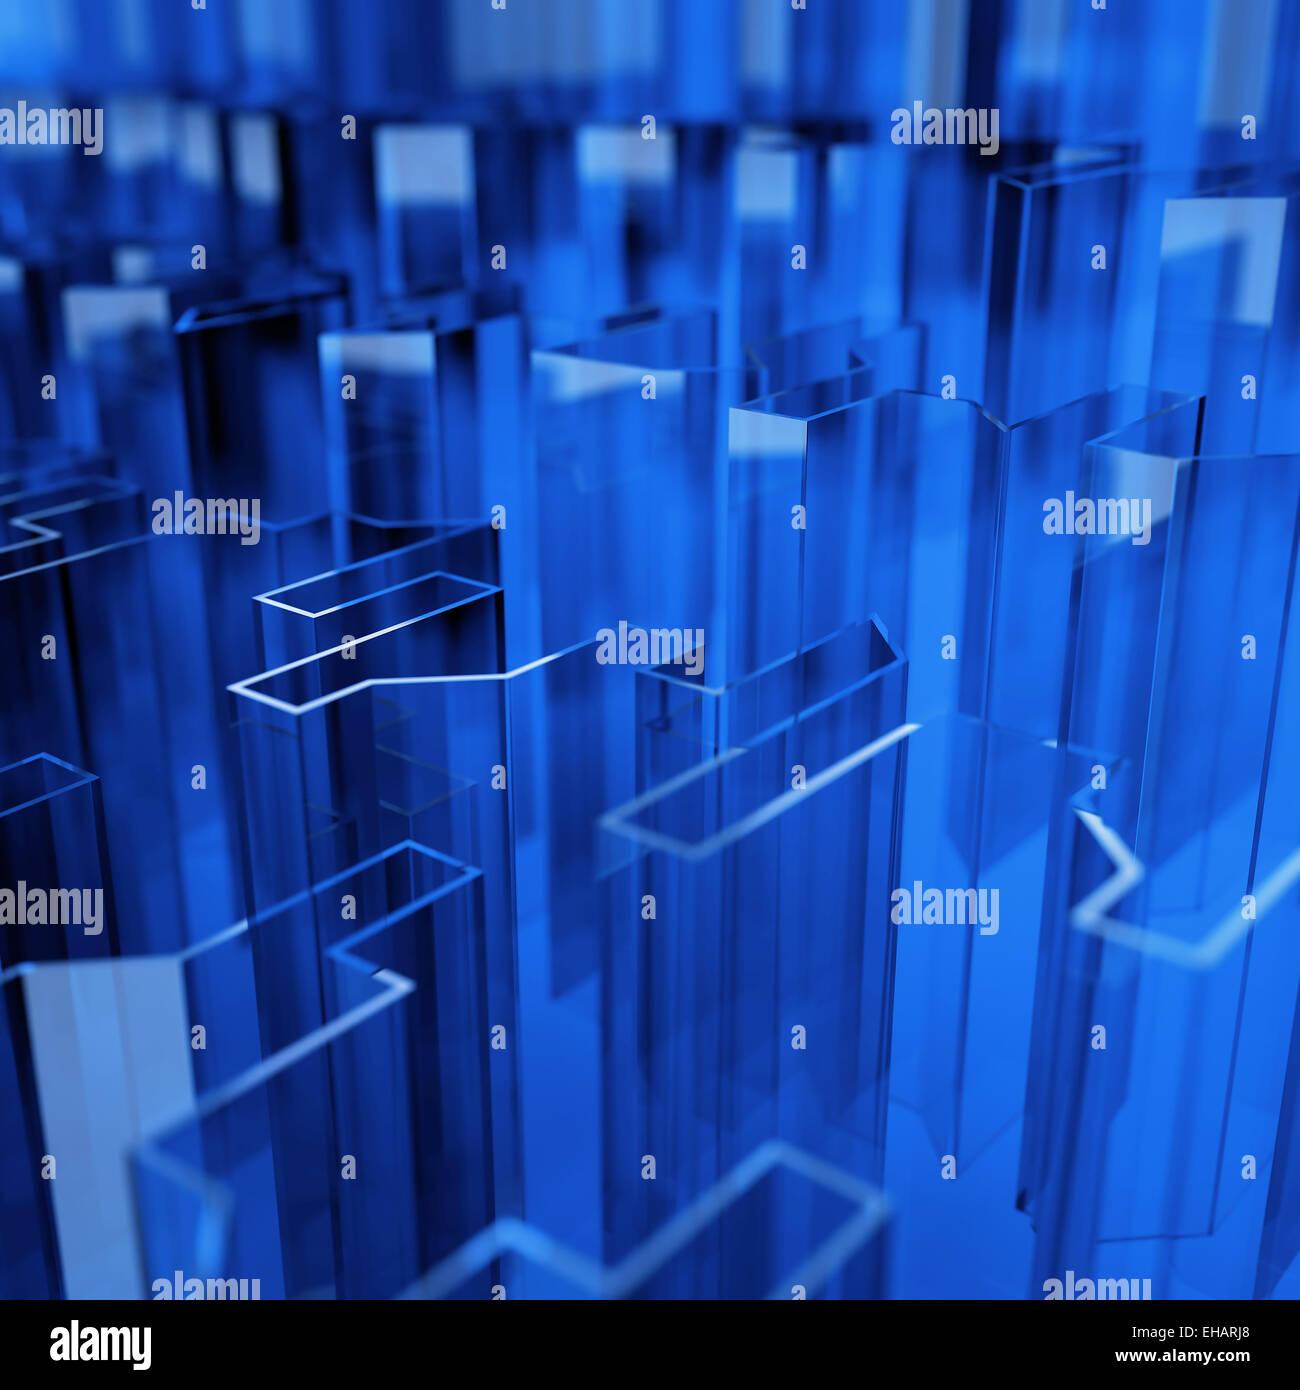 blaues Glas akute abgewinkelt Abstraktion Stockbild